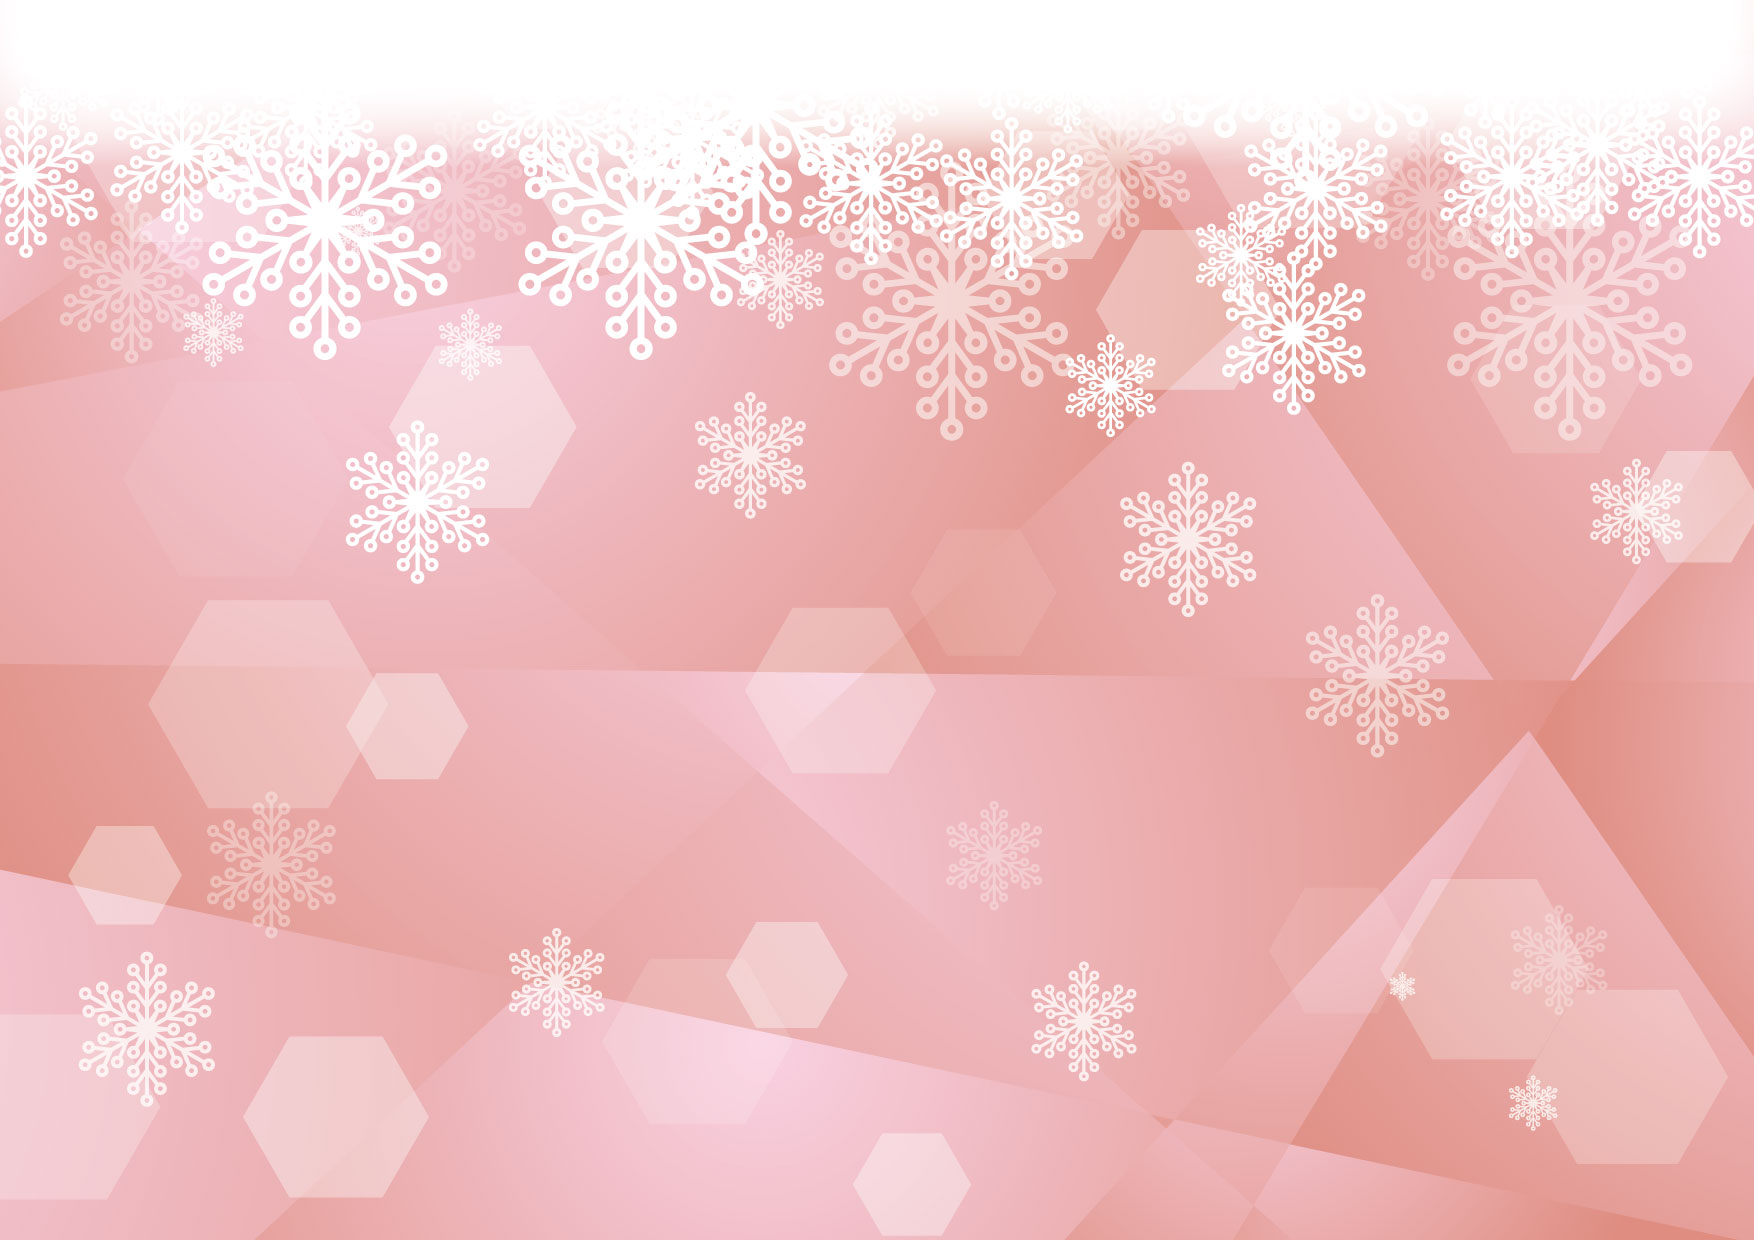 雪の結晶 ガラス ピンク 背景 イラスト 無料